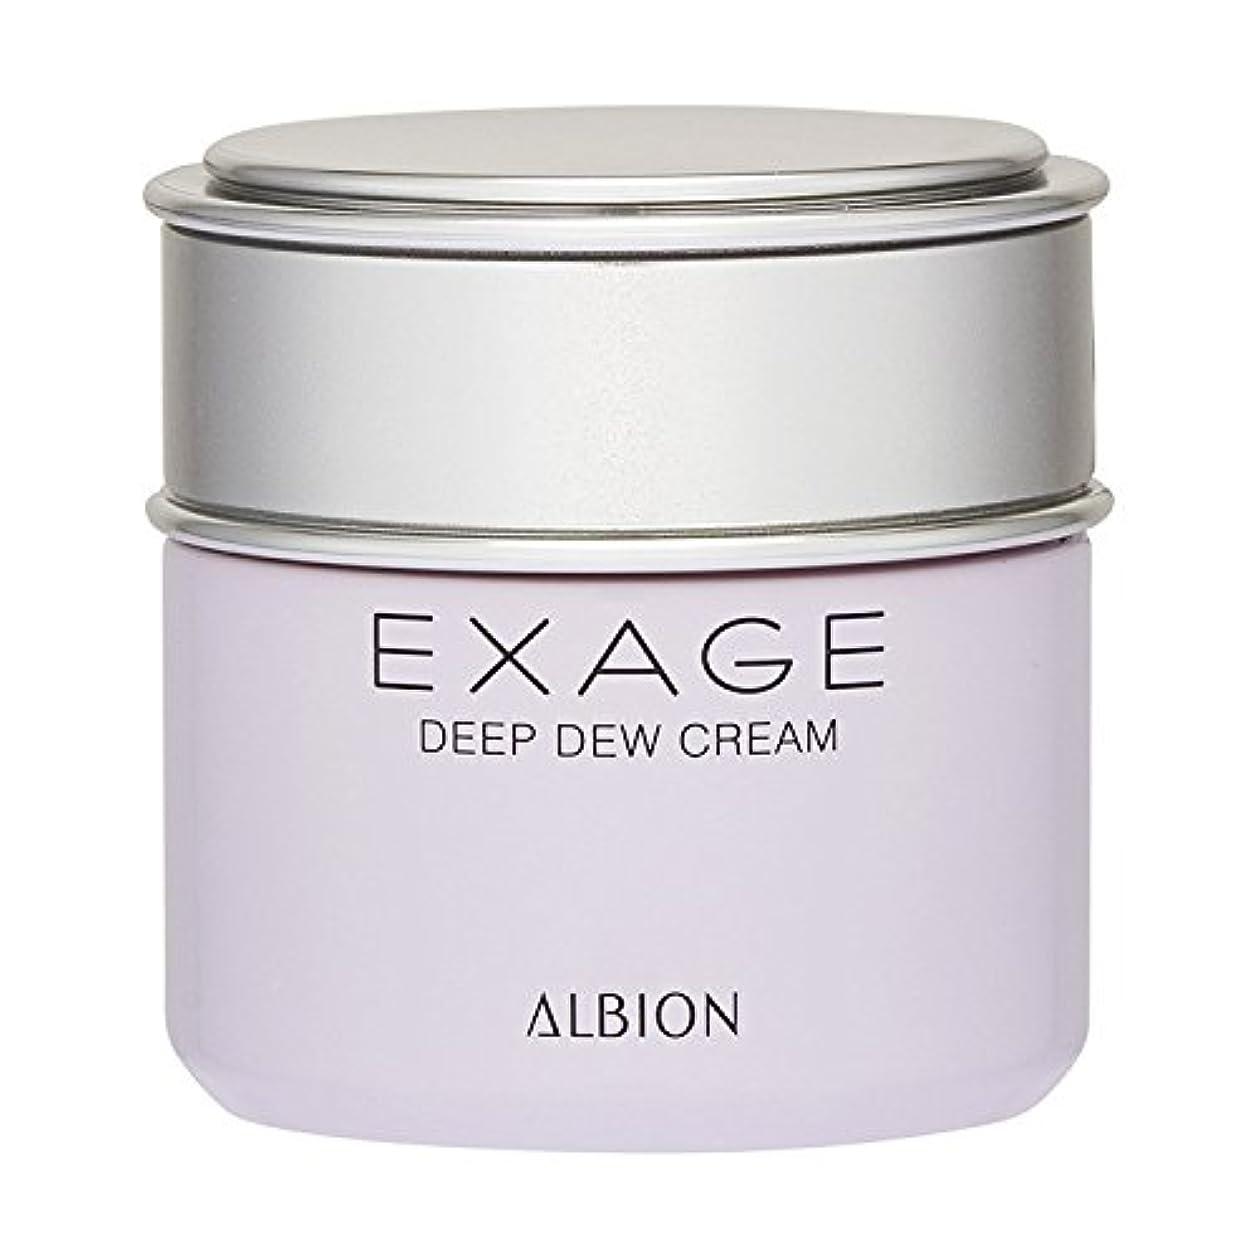 質素なとにかく電話アルビオン エクサージュ ディープデュウ クリーム DEEP DEW CREAM 30g